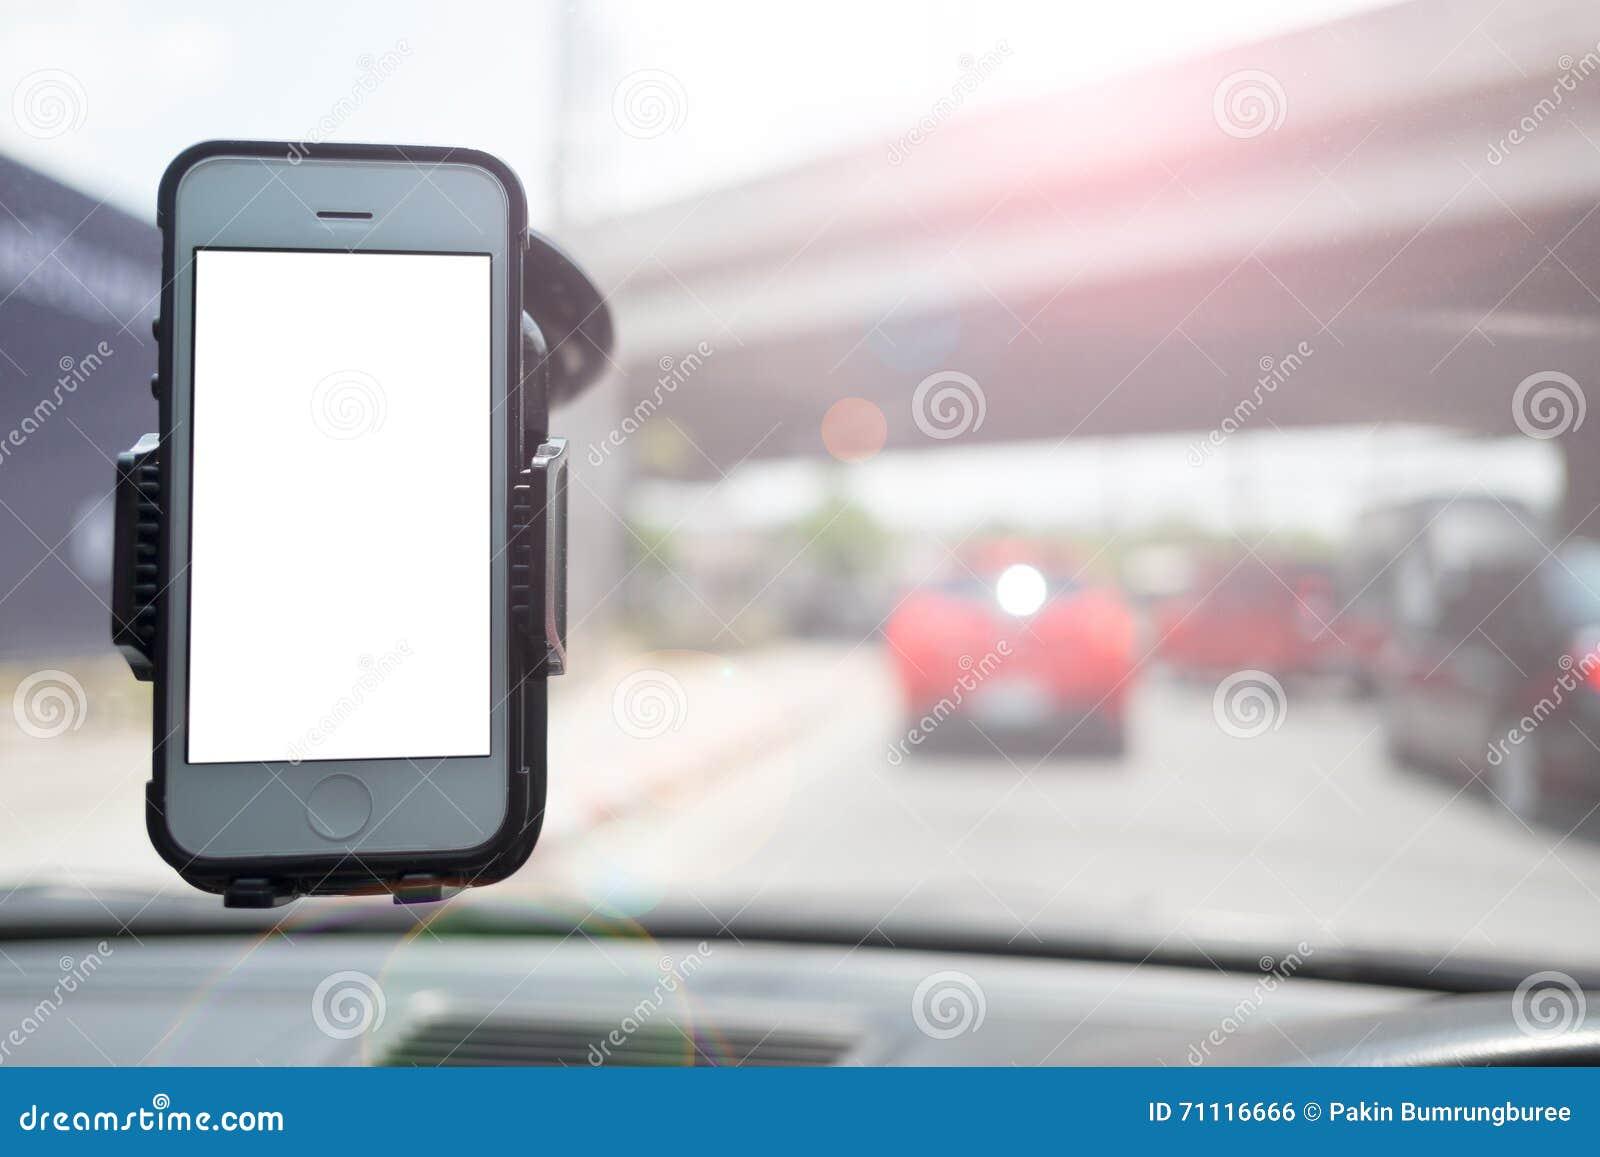 Smartphone in een autogebruik voor Navigate